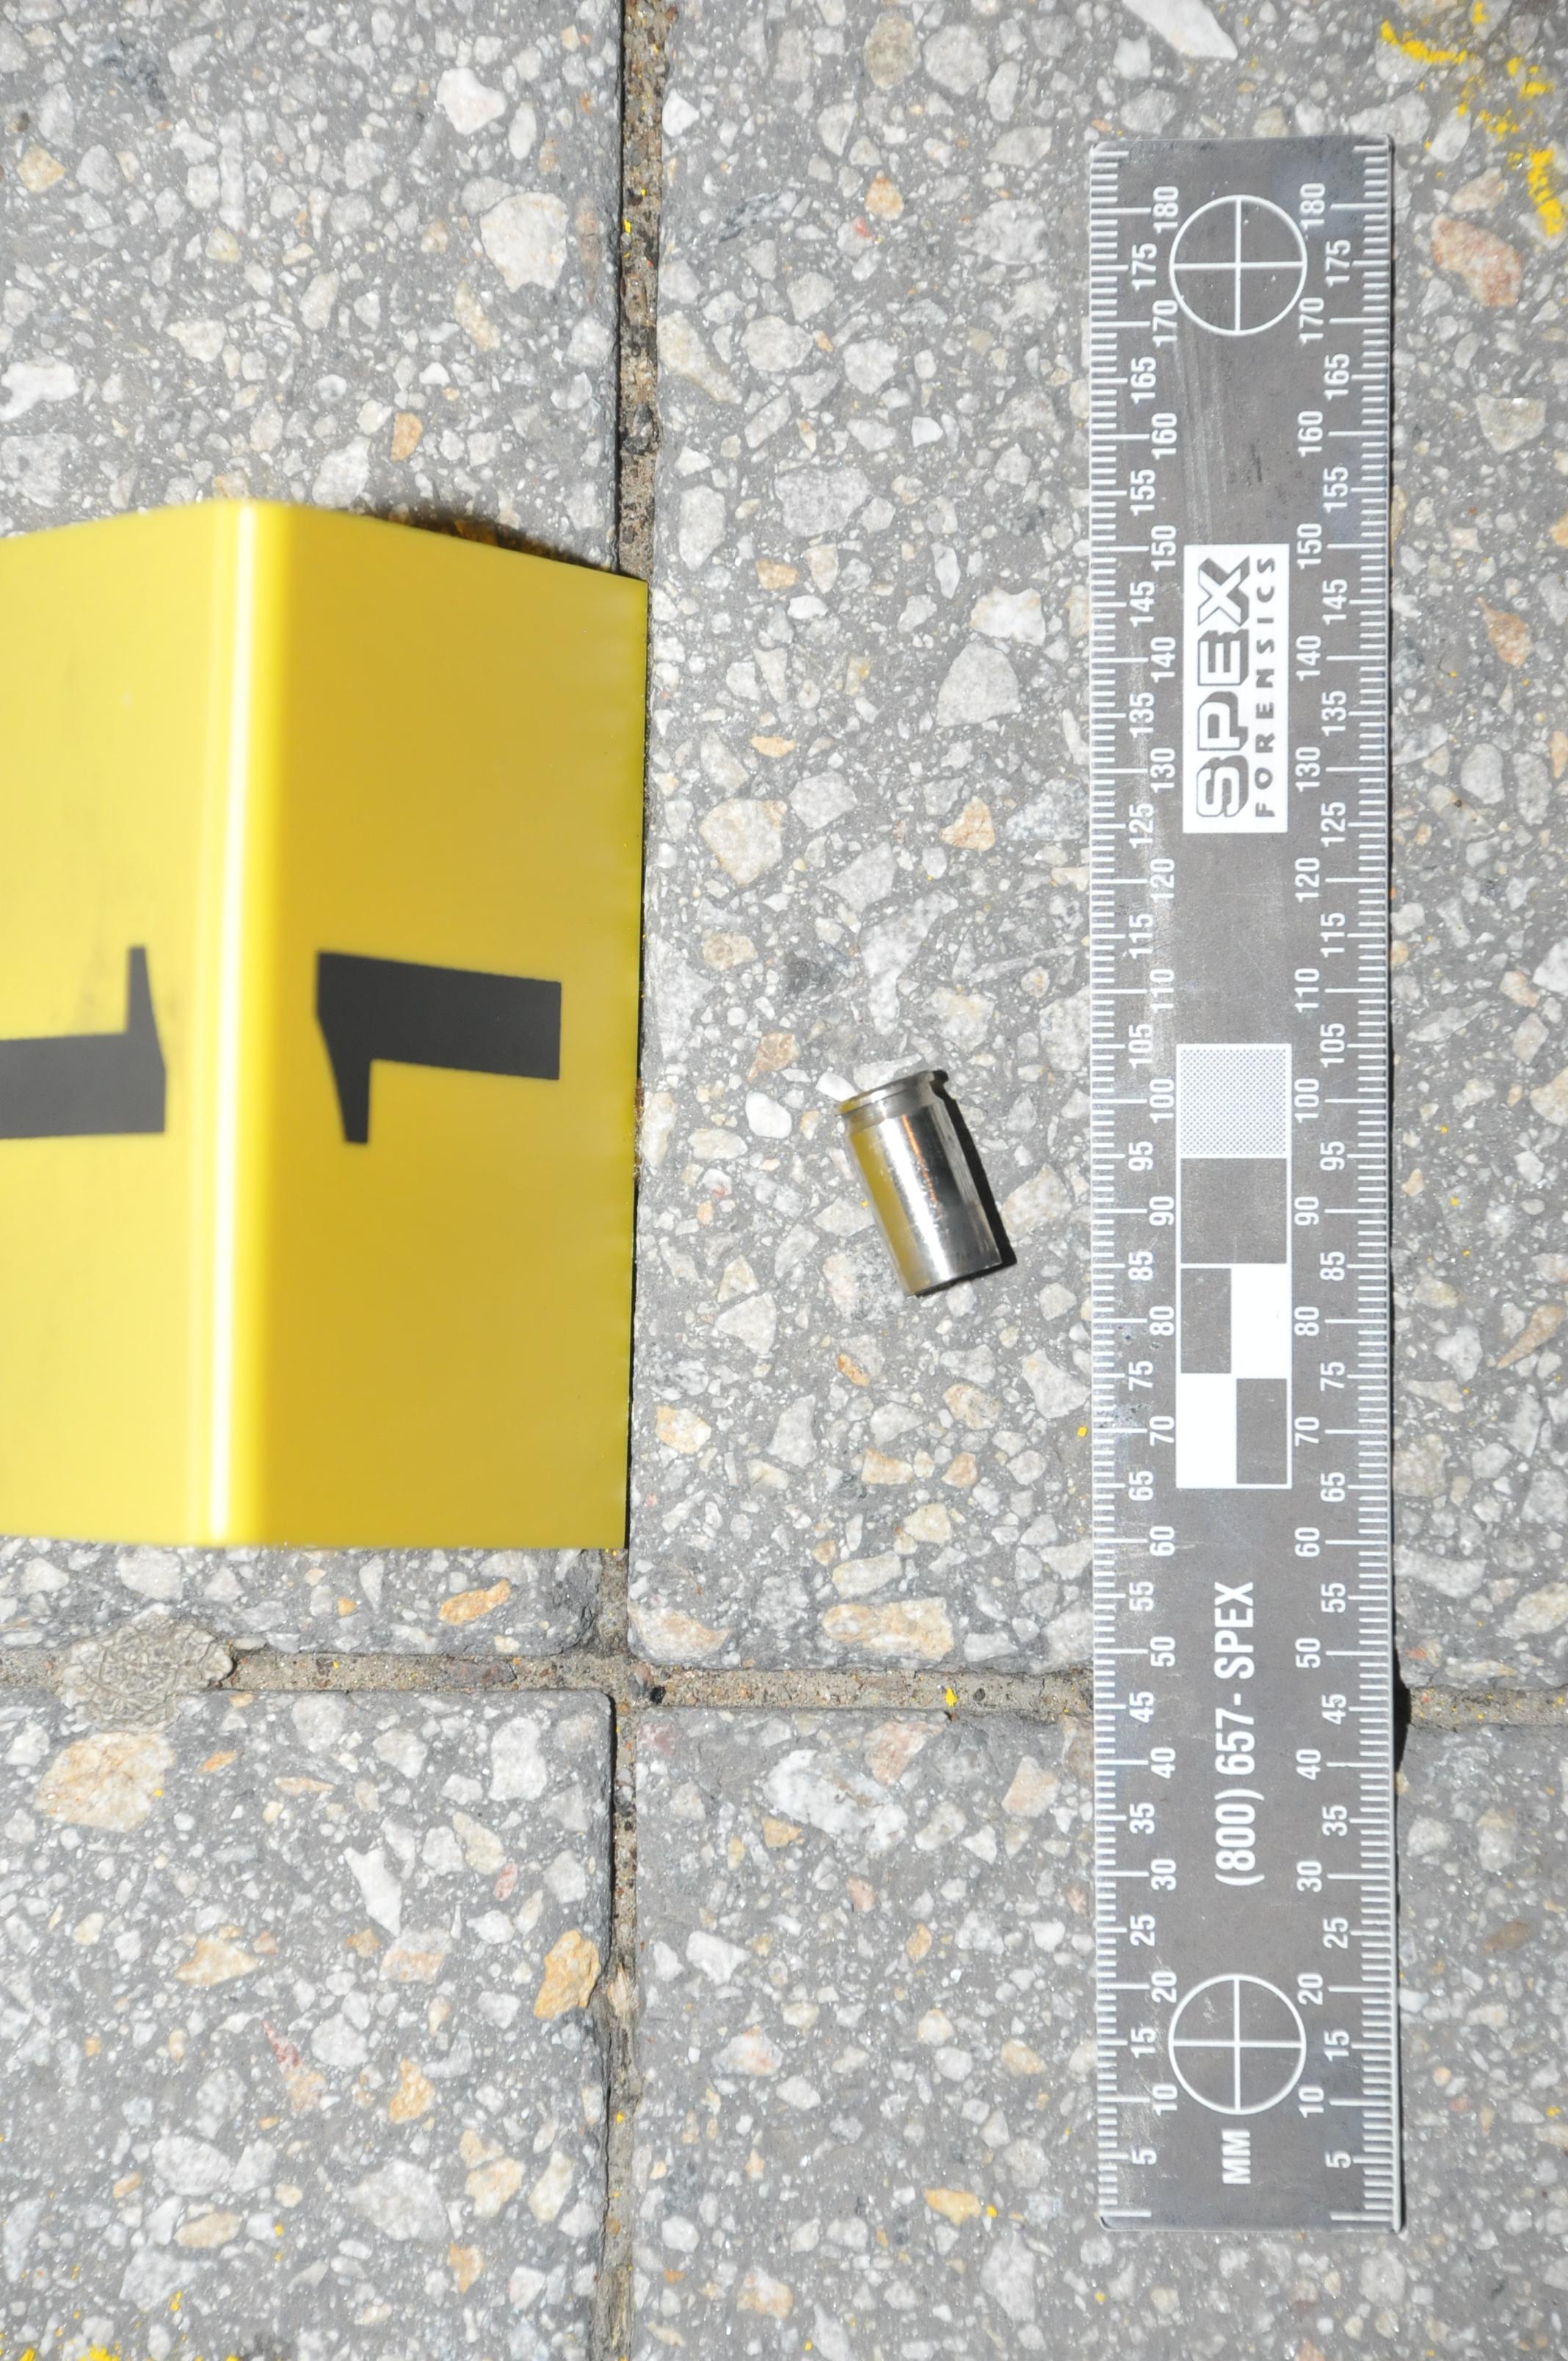 Exh 698 – MIT-RPQ_0092